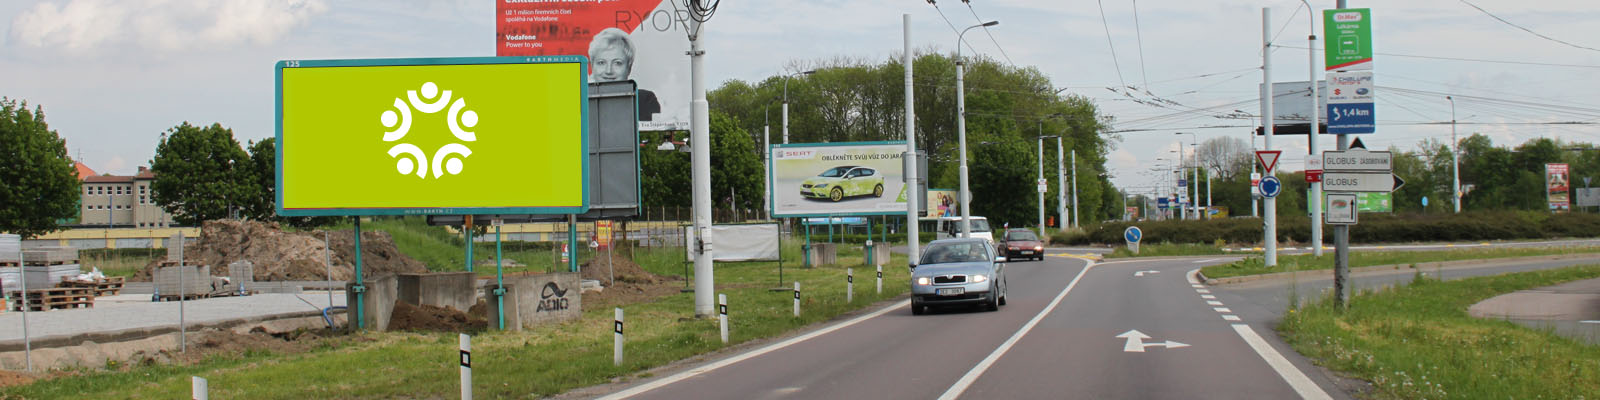 Pardubice - ulice Poděbradská, před kruhovým objezdem u Globusu